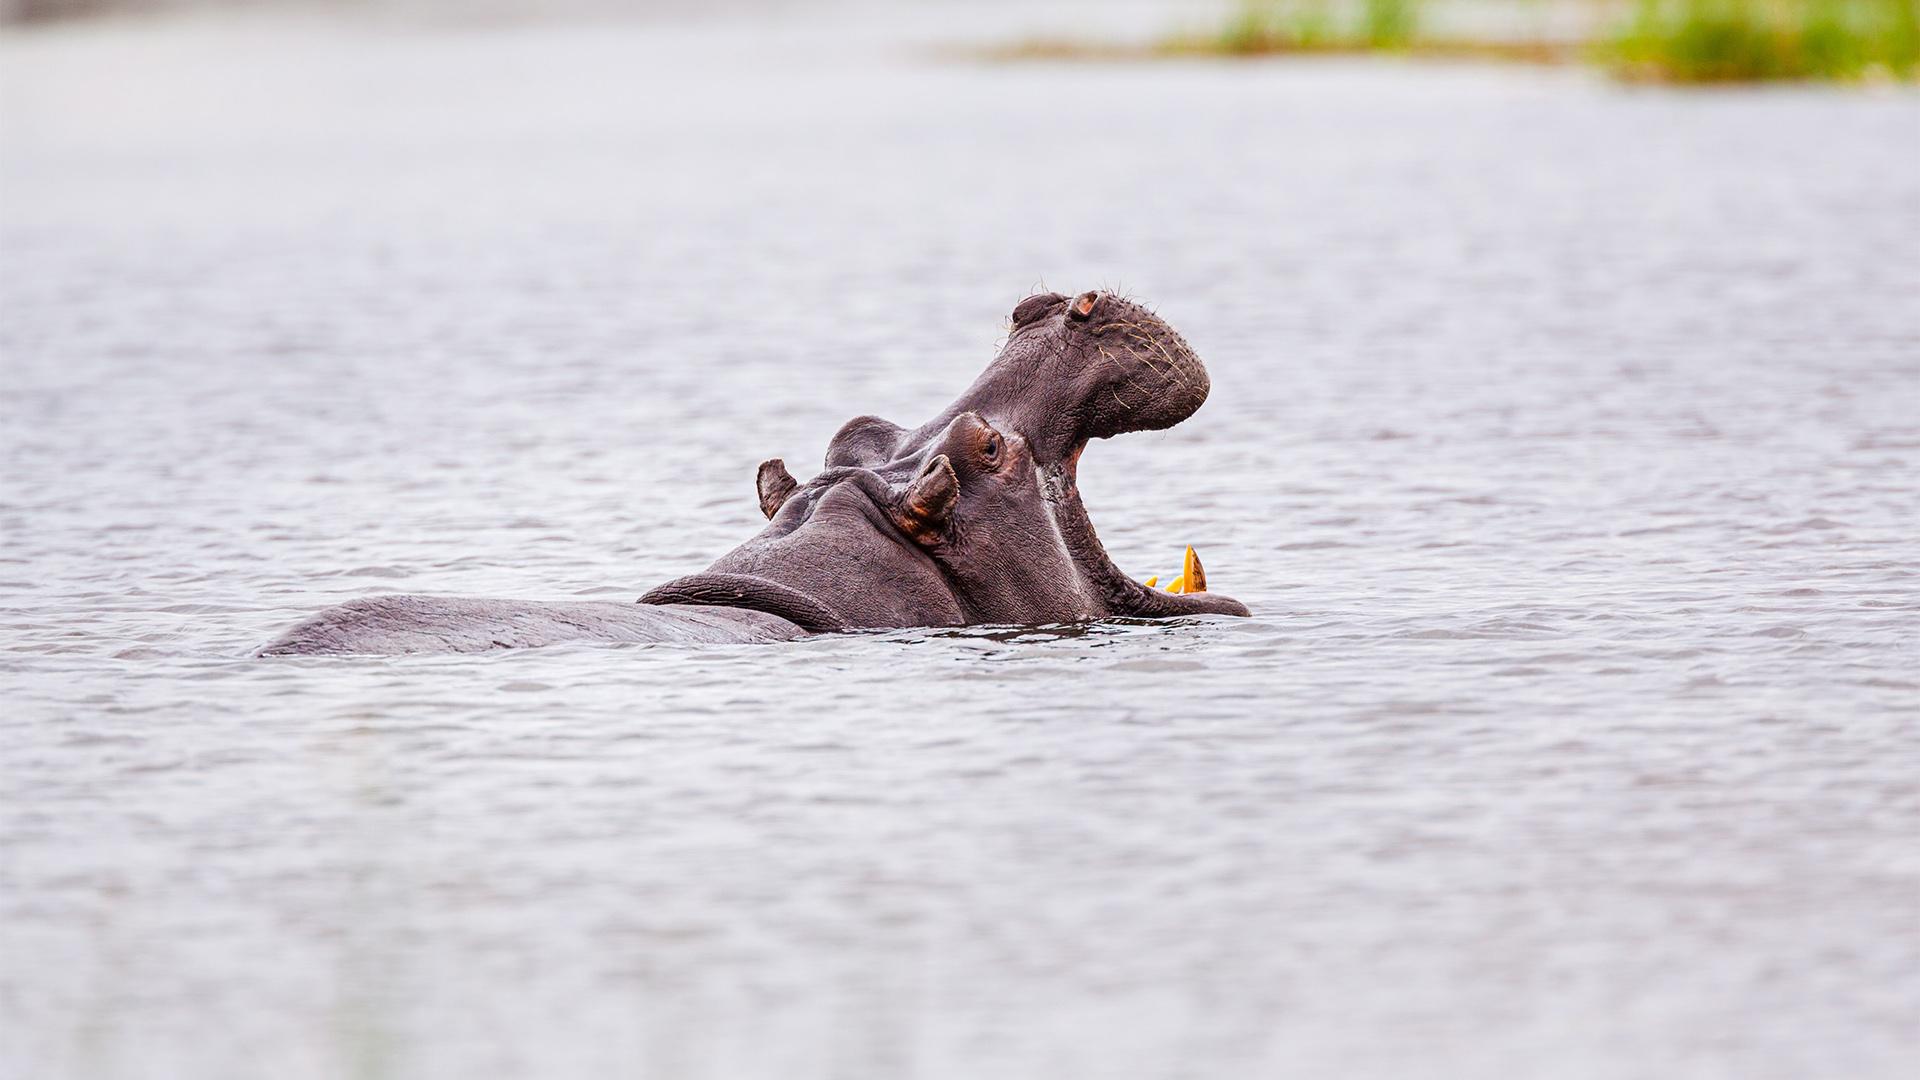 Vídeo: Hipopótamo persegue e tenta atacar barco de turistas